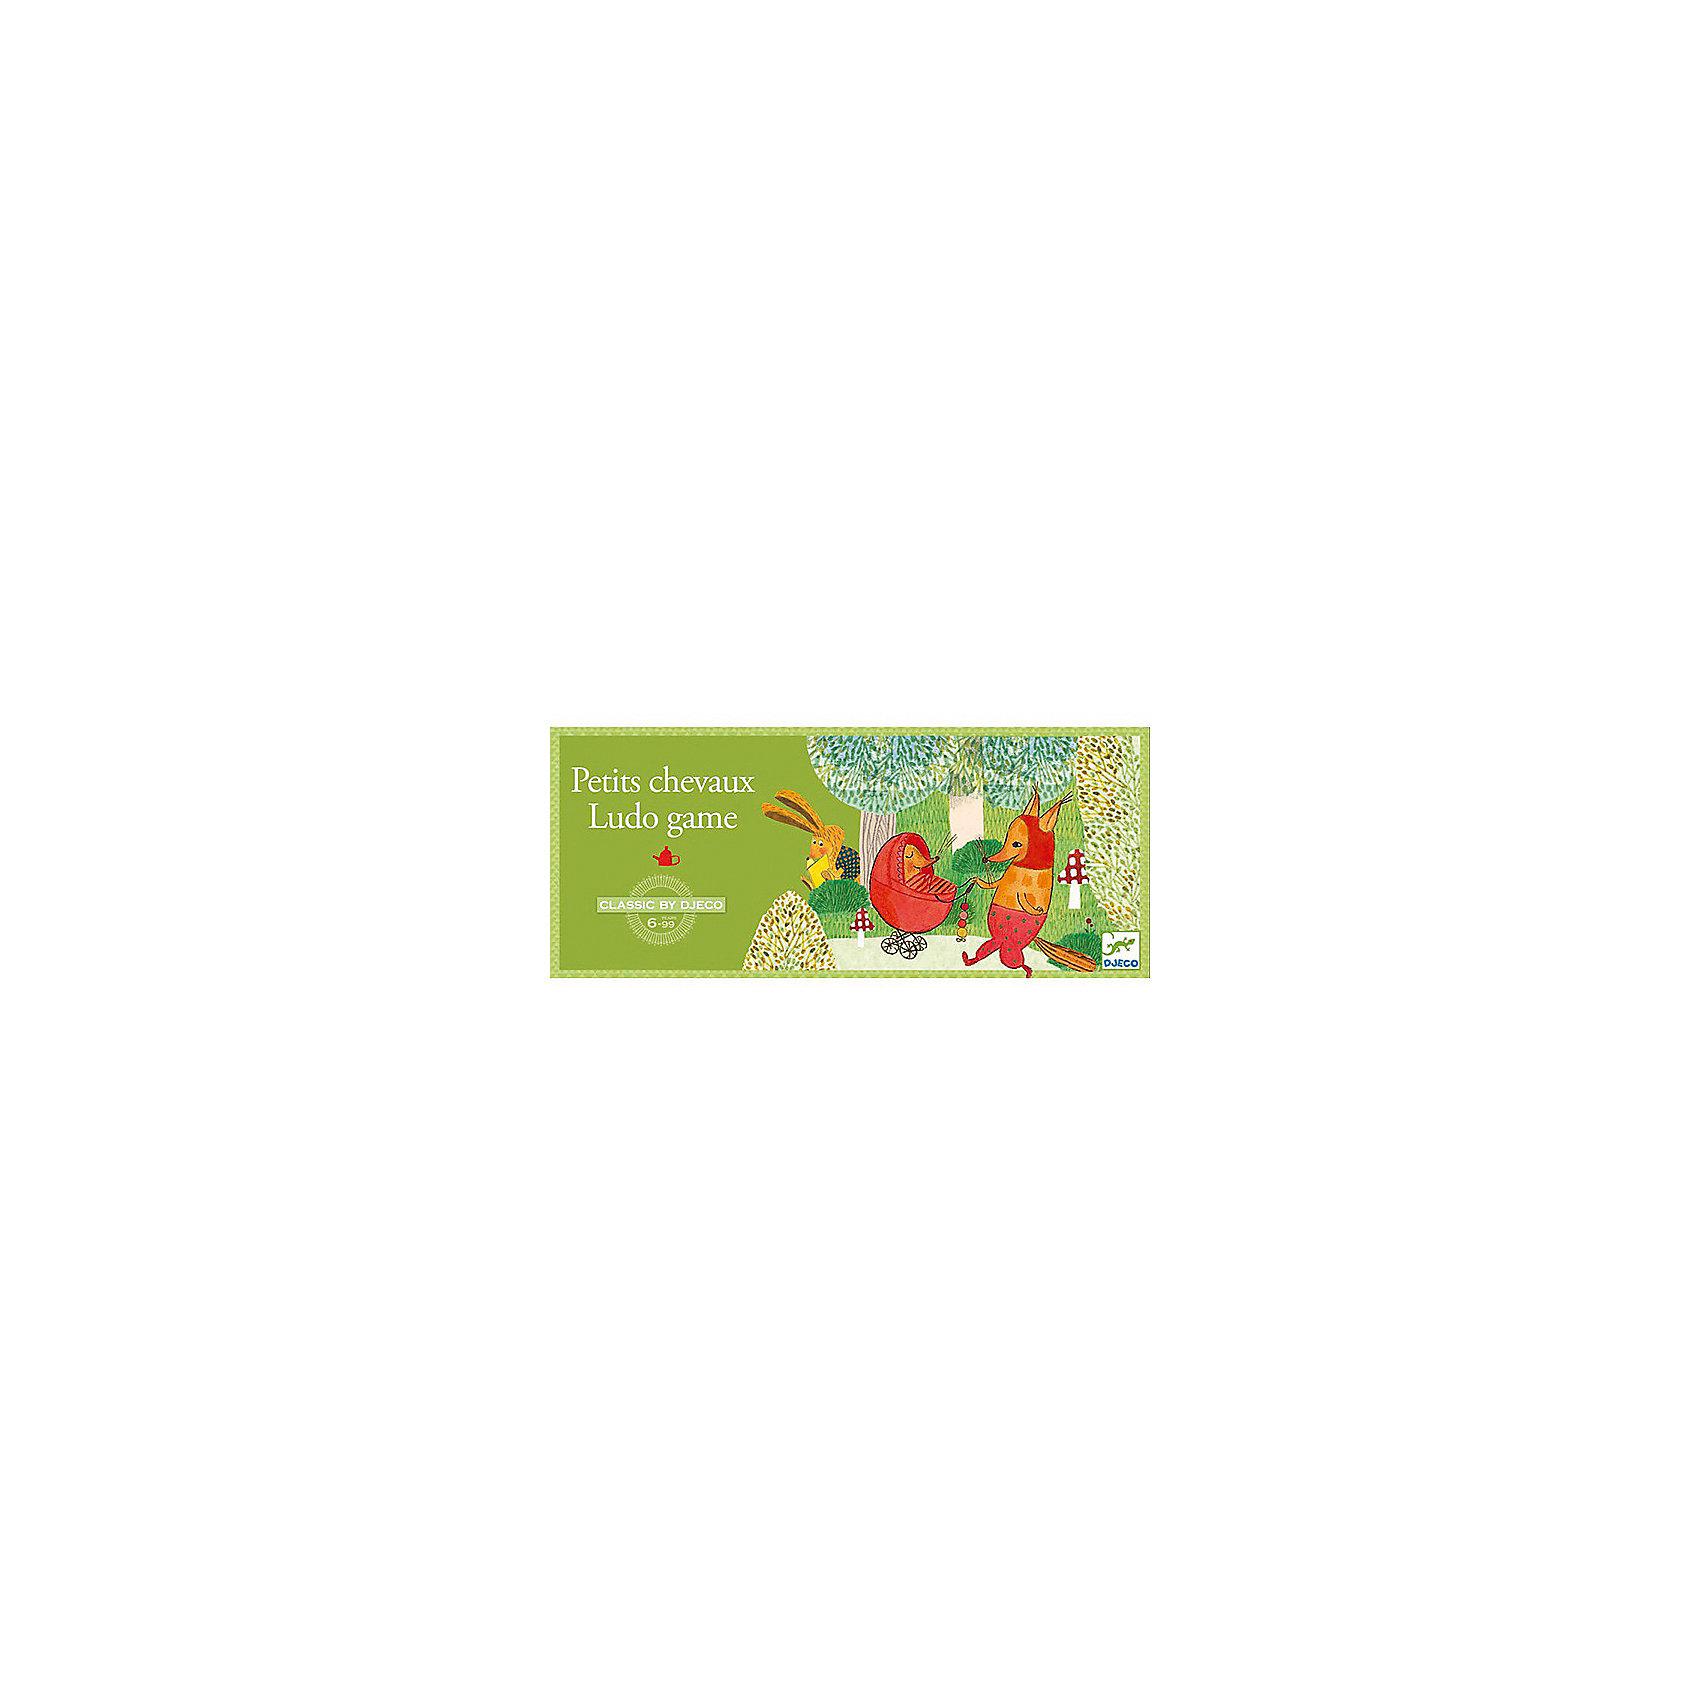 Игра Лидо, DJECOДеревянные игры и пазлы<br>Игра Лидо, Djeco (Джеко)- веселая и увлекательная настольная игра, которая надолго займет внимание детей и не даст им заскучать. В комплект входит игровое поле, 16 фишек четырех разных цветов и кубик. Цель игры состоит в том, чтобы первым привести в центр поля свои 4 фишки. В игре могут участвовать от 2 до 4 игроков. Перед началом игры каждый участник ставит свои фишки на базу (где изображено животное его цвета). Чтобы вывести фишку с базы и поставить ее на клетку старт, игрок должен выбросить шестерку на кубике. Первый ход делает самый младший игрок. После вывода фишки на игровую дорожку игрок перемещает ее на количество клеток, равное числу, выпавшему на кубике. Если игрок вывел на дорожку несколько разных фишек, он сам решает, какой фишкой ходить. Если игрок выбросил шестерку, он может либо вывести с базы еще одну фишку, либо переместить на 6 клеток уже выведенную фишку. В случае, когда число, выпавшее на кубике, позволяет игроку поставить свою фишку на клетку, уже занятую другой фишкой, он съедает эту фишку: его фишка занимает эту клетку, а фишка соперника отправляется на свою базу. Пройдя полный круг по игровому полю, фишки встают на последнюю клетку круга у подножия лестницы с клетками, пронумерованными от 1 до 6. Игрок, который первым вывел свои 4 фишки с поля, побеждает в игре. <br><br>Дополнительная информация:<br><br>- В комплекте: 1 игровое поле, 16 фишек, 1 кубик.<br>- Материал: пластик, картон, дерево.<br>- Размер упаковки: 38 x 16 x 3 см.<br><br>Игру Лидо, Djeco (Джеко), можно купить в нашем магазине.<br><br>Ширина мм: 30<br>Глубина мм: 380<br>Высота мм: 160<br>Вес г: 550<br>Возраст от месяцев: 60<br>Возраст до месяцев: 96<br>Пол: Унисекс<br>Возраст: Детский<br>SKU: 4566293